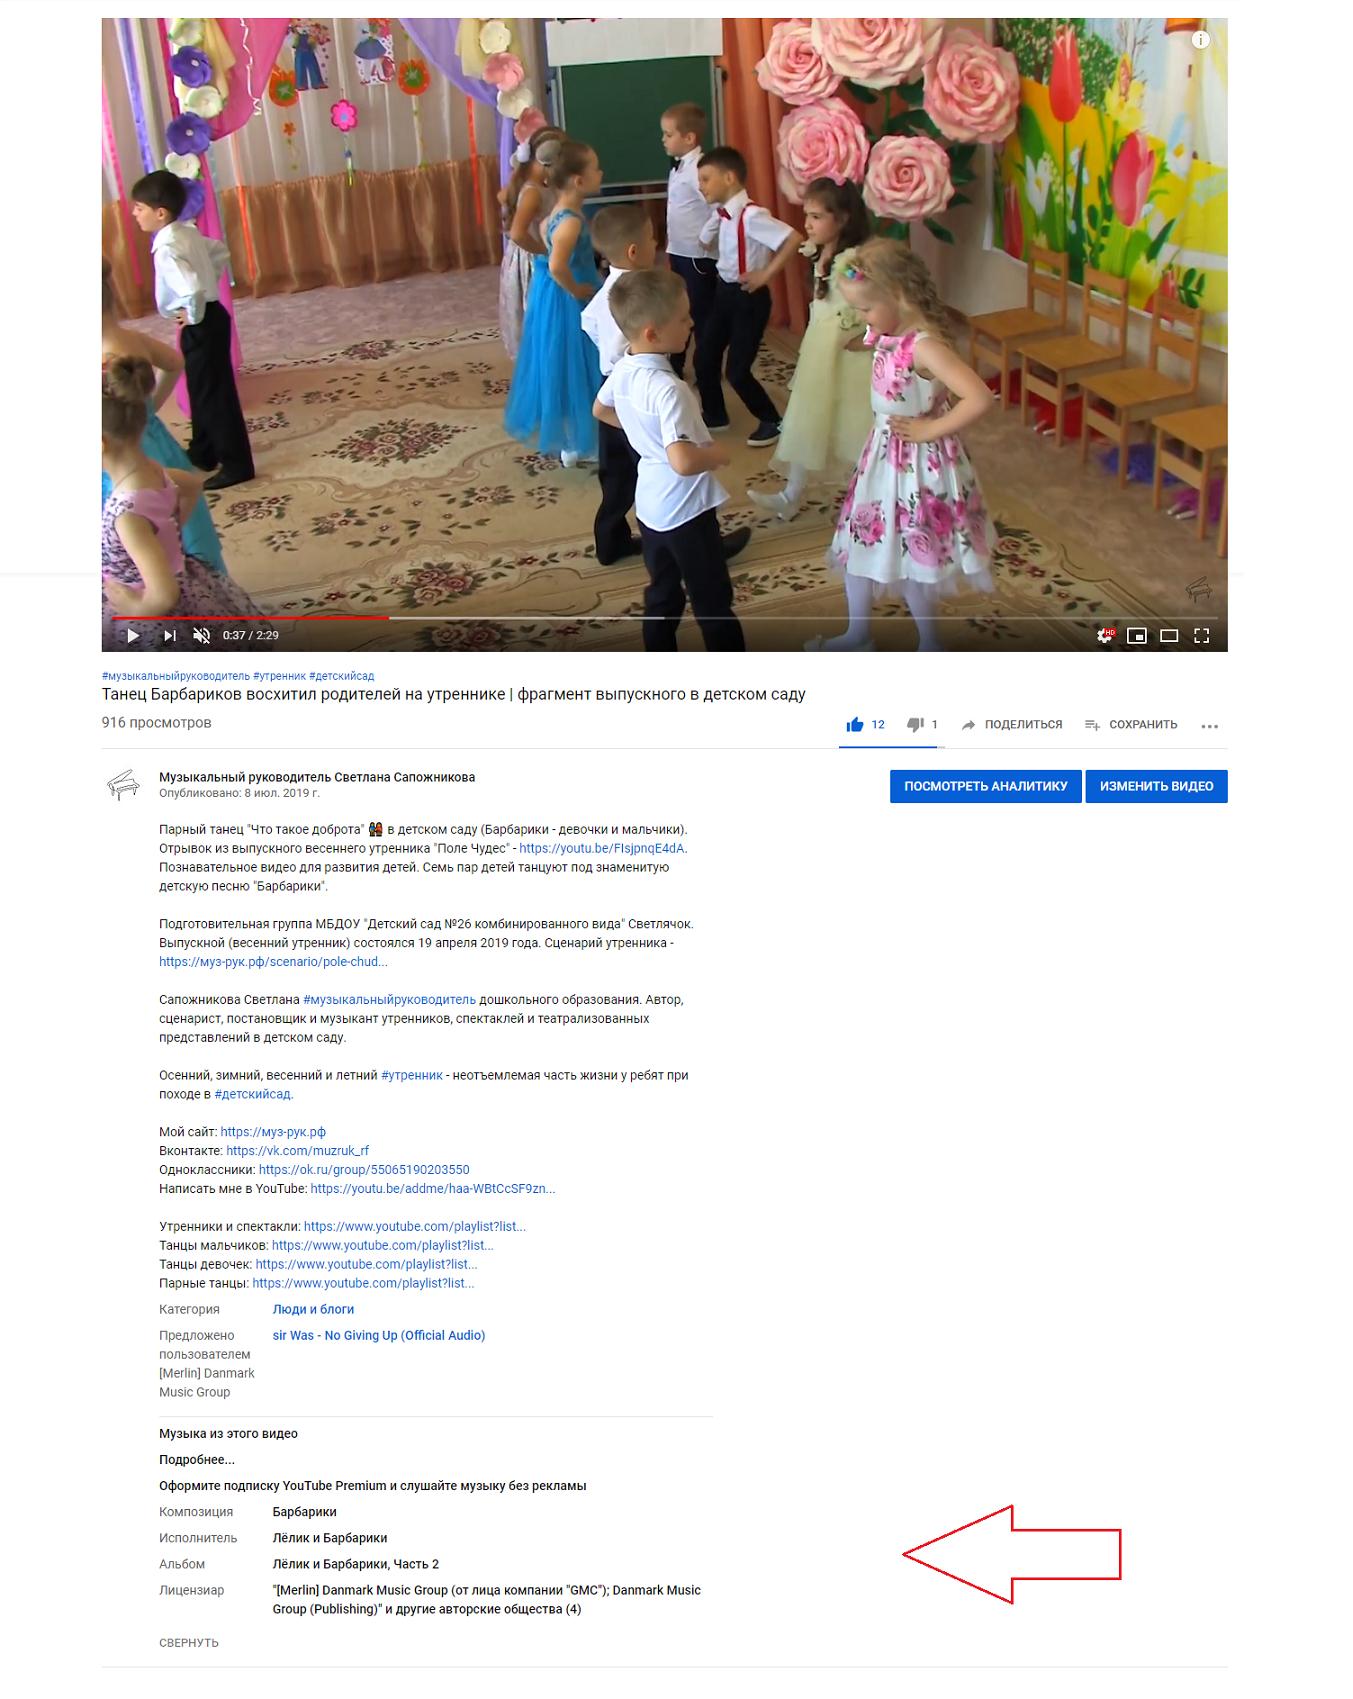 Заявка Content ID от правообладателя